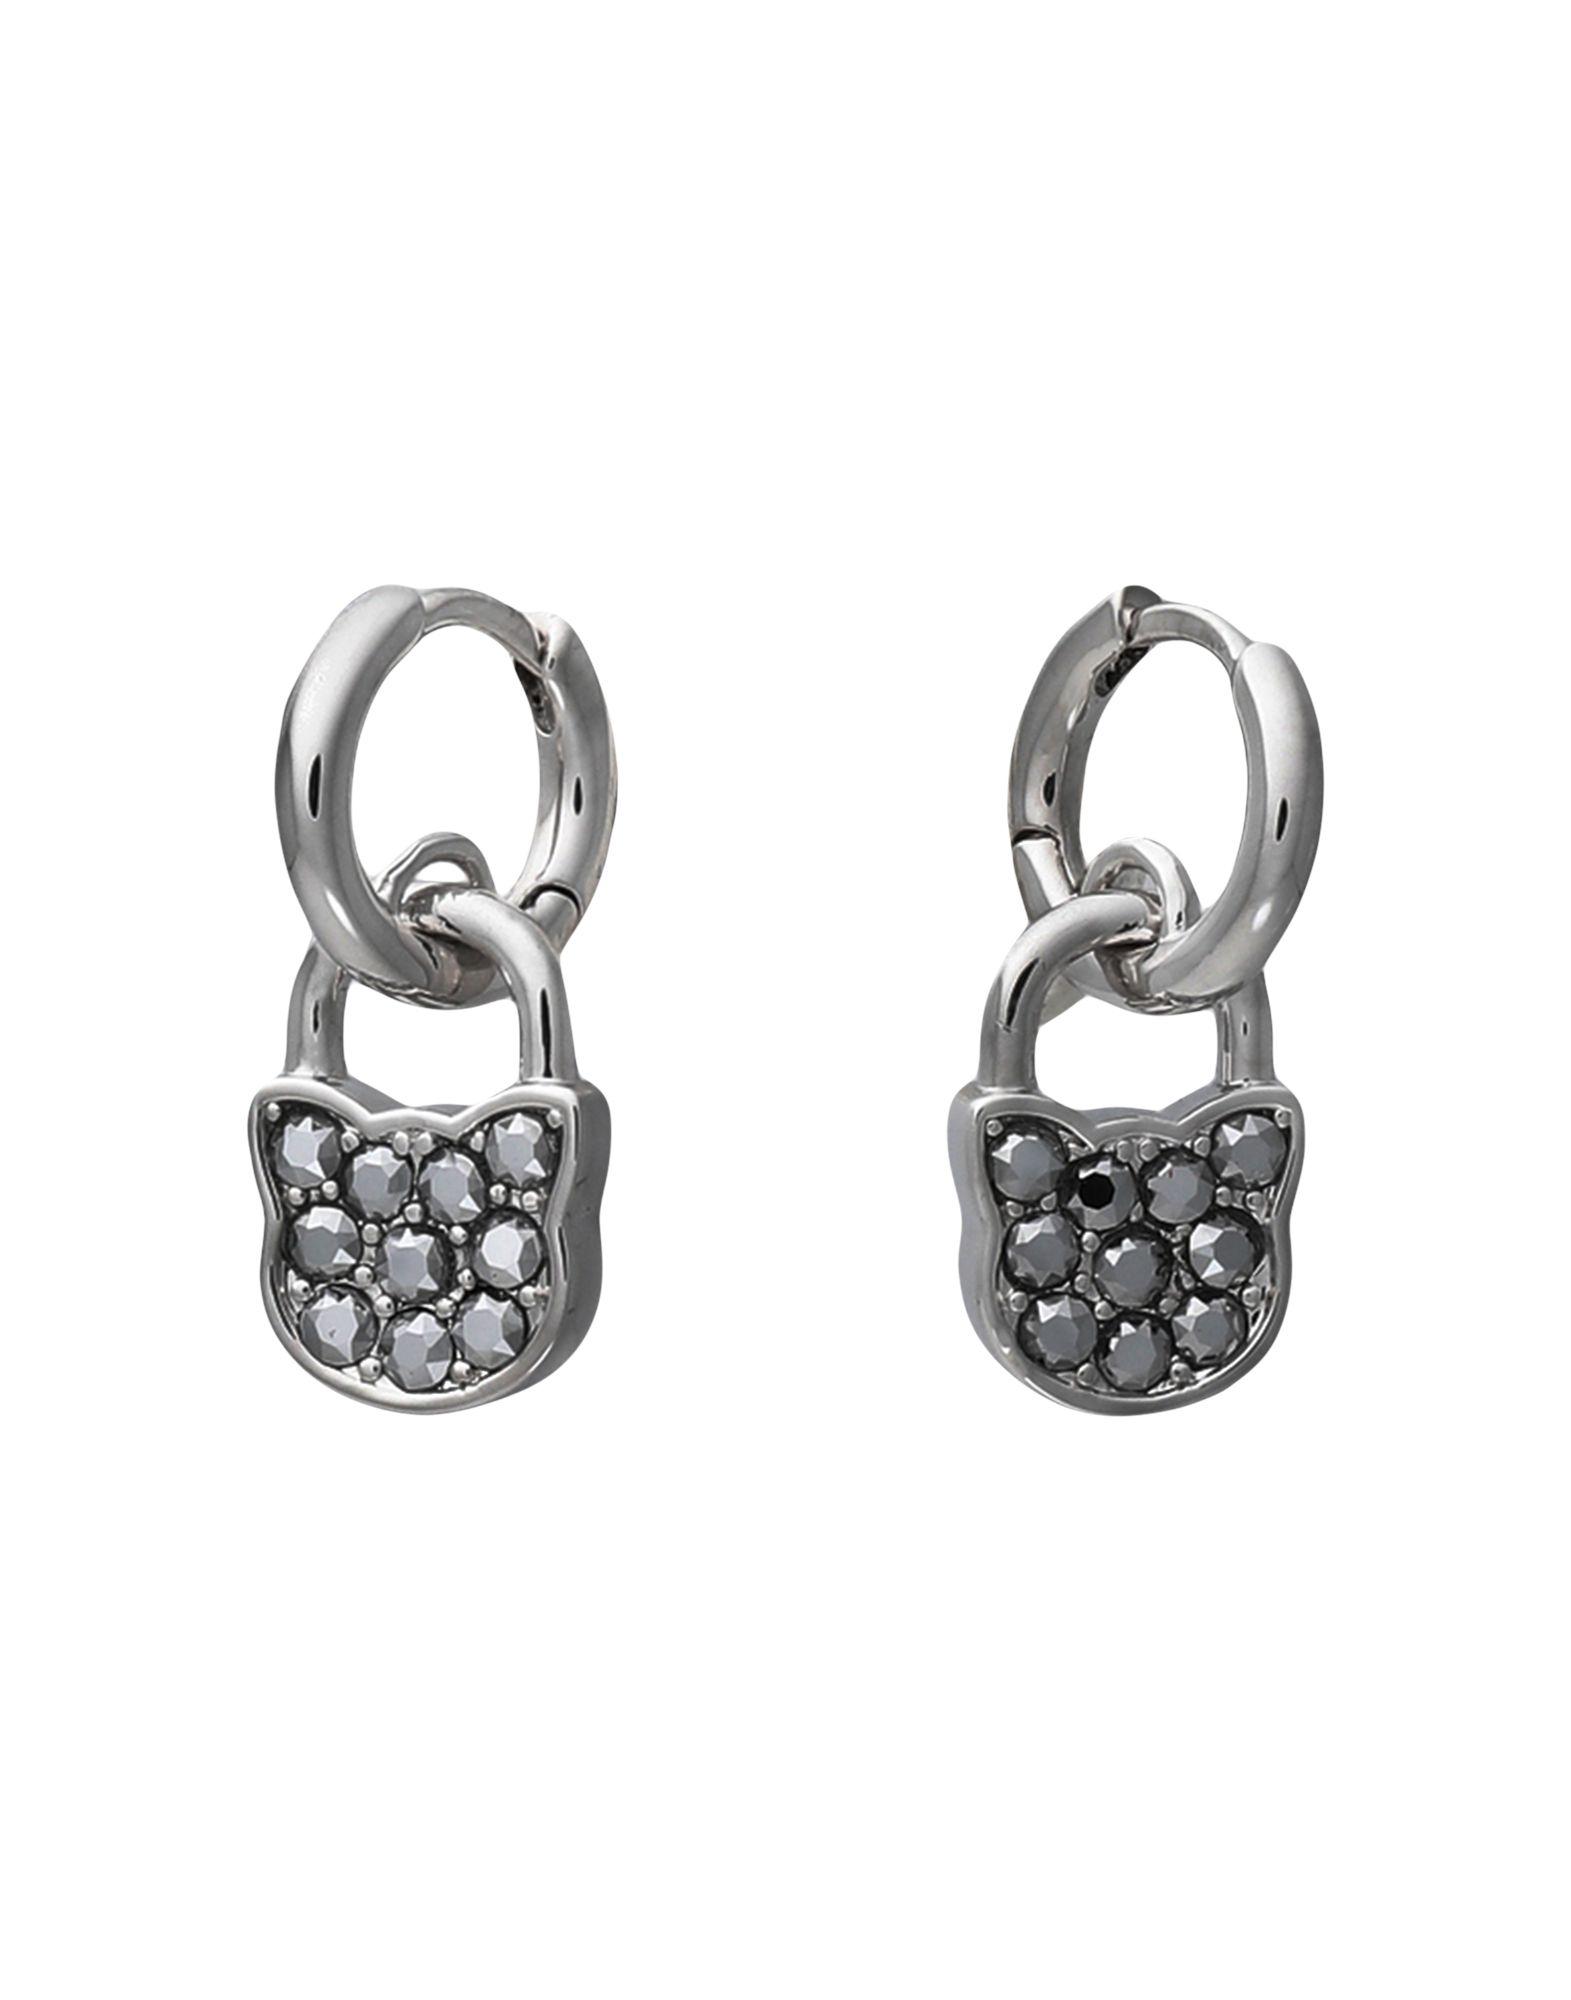 《セール開催中》KARL LAGERFELD レディース イヤリング シルバー 真鍮/ブラス / スワロフスキー SMALL CHOUPETTE LOCK HOOP